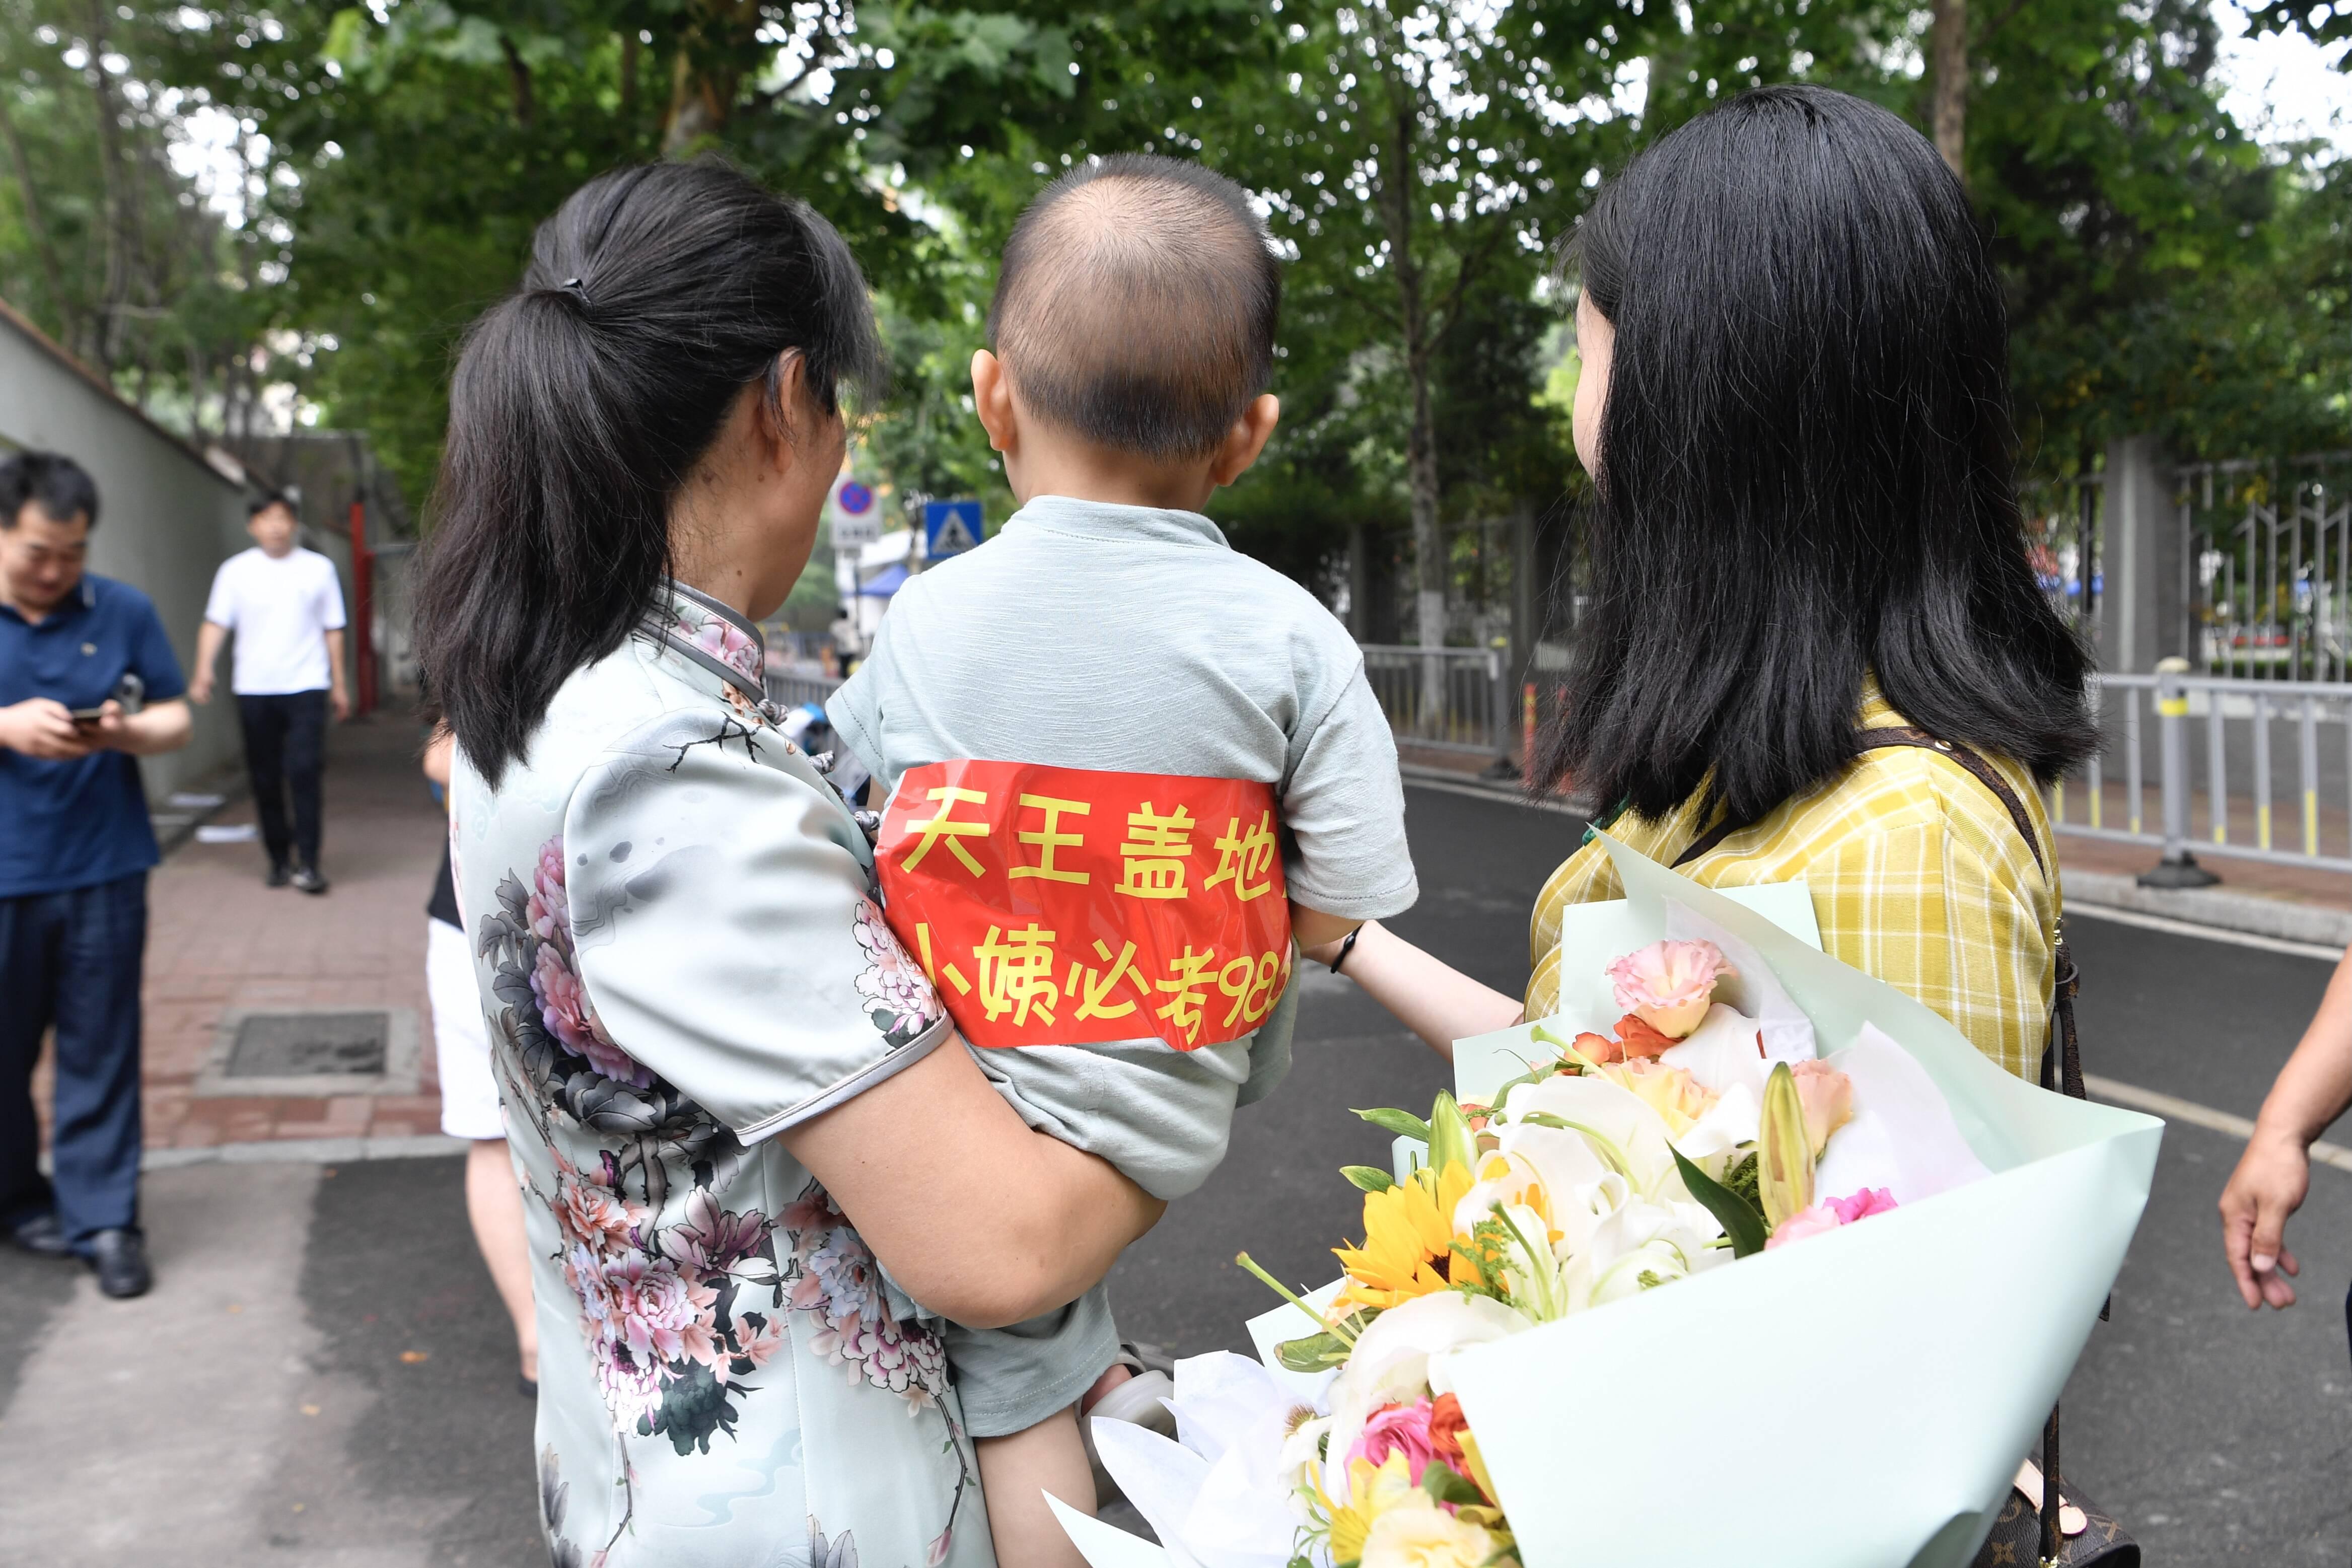 鲜花、拥抱、小黄鸭……镜头记录下高考最后一天的温情瞬间